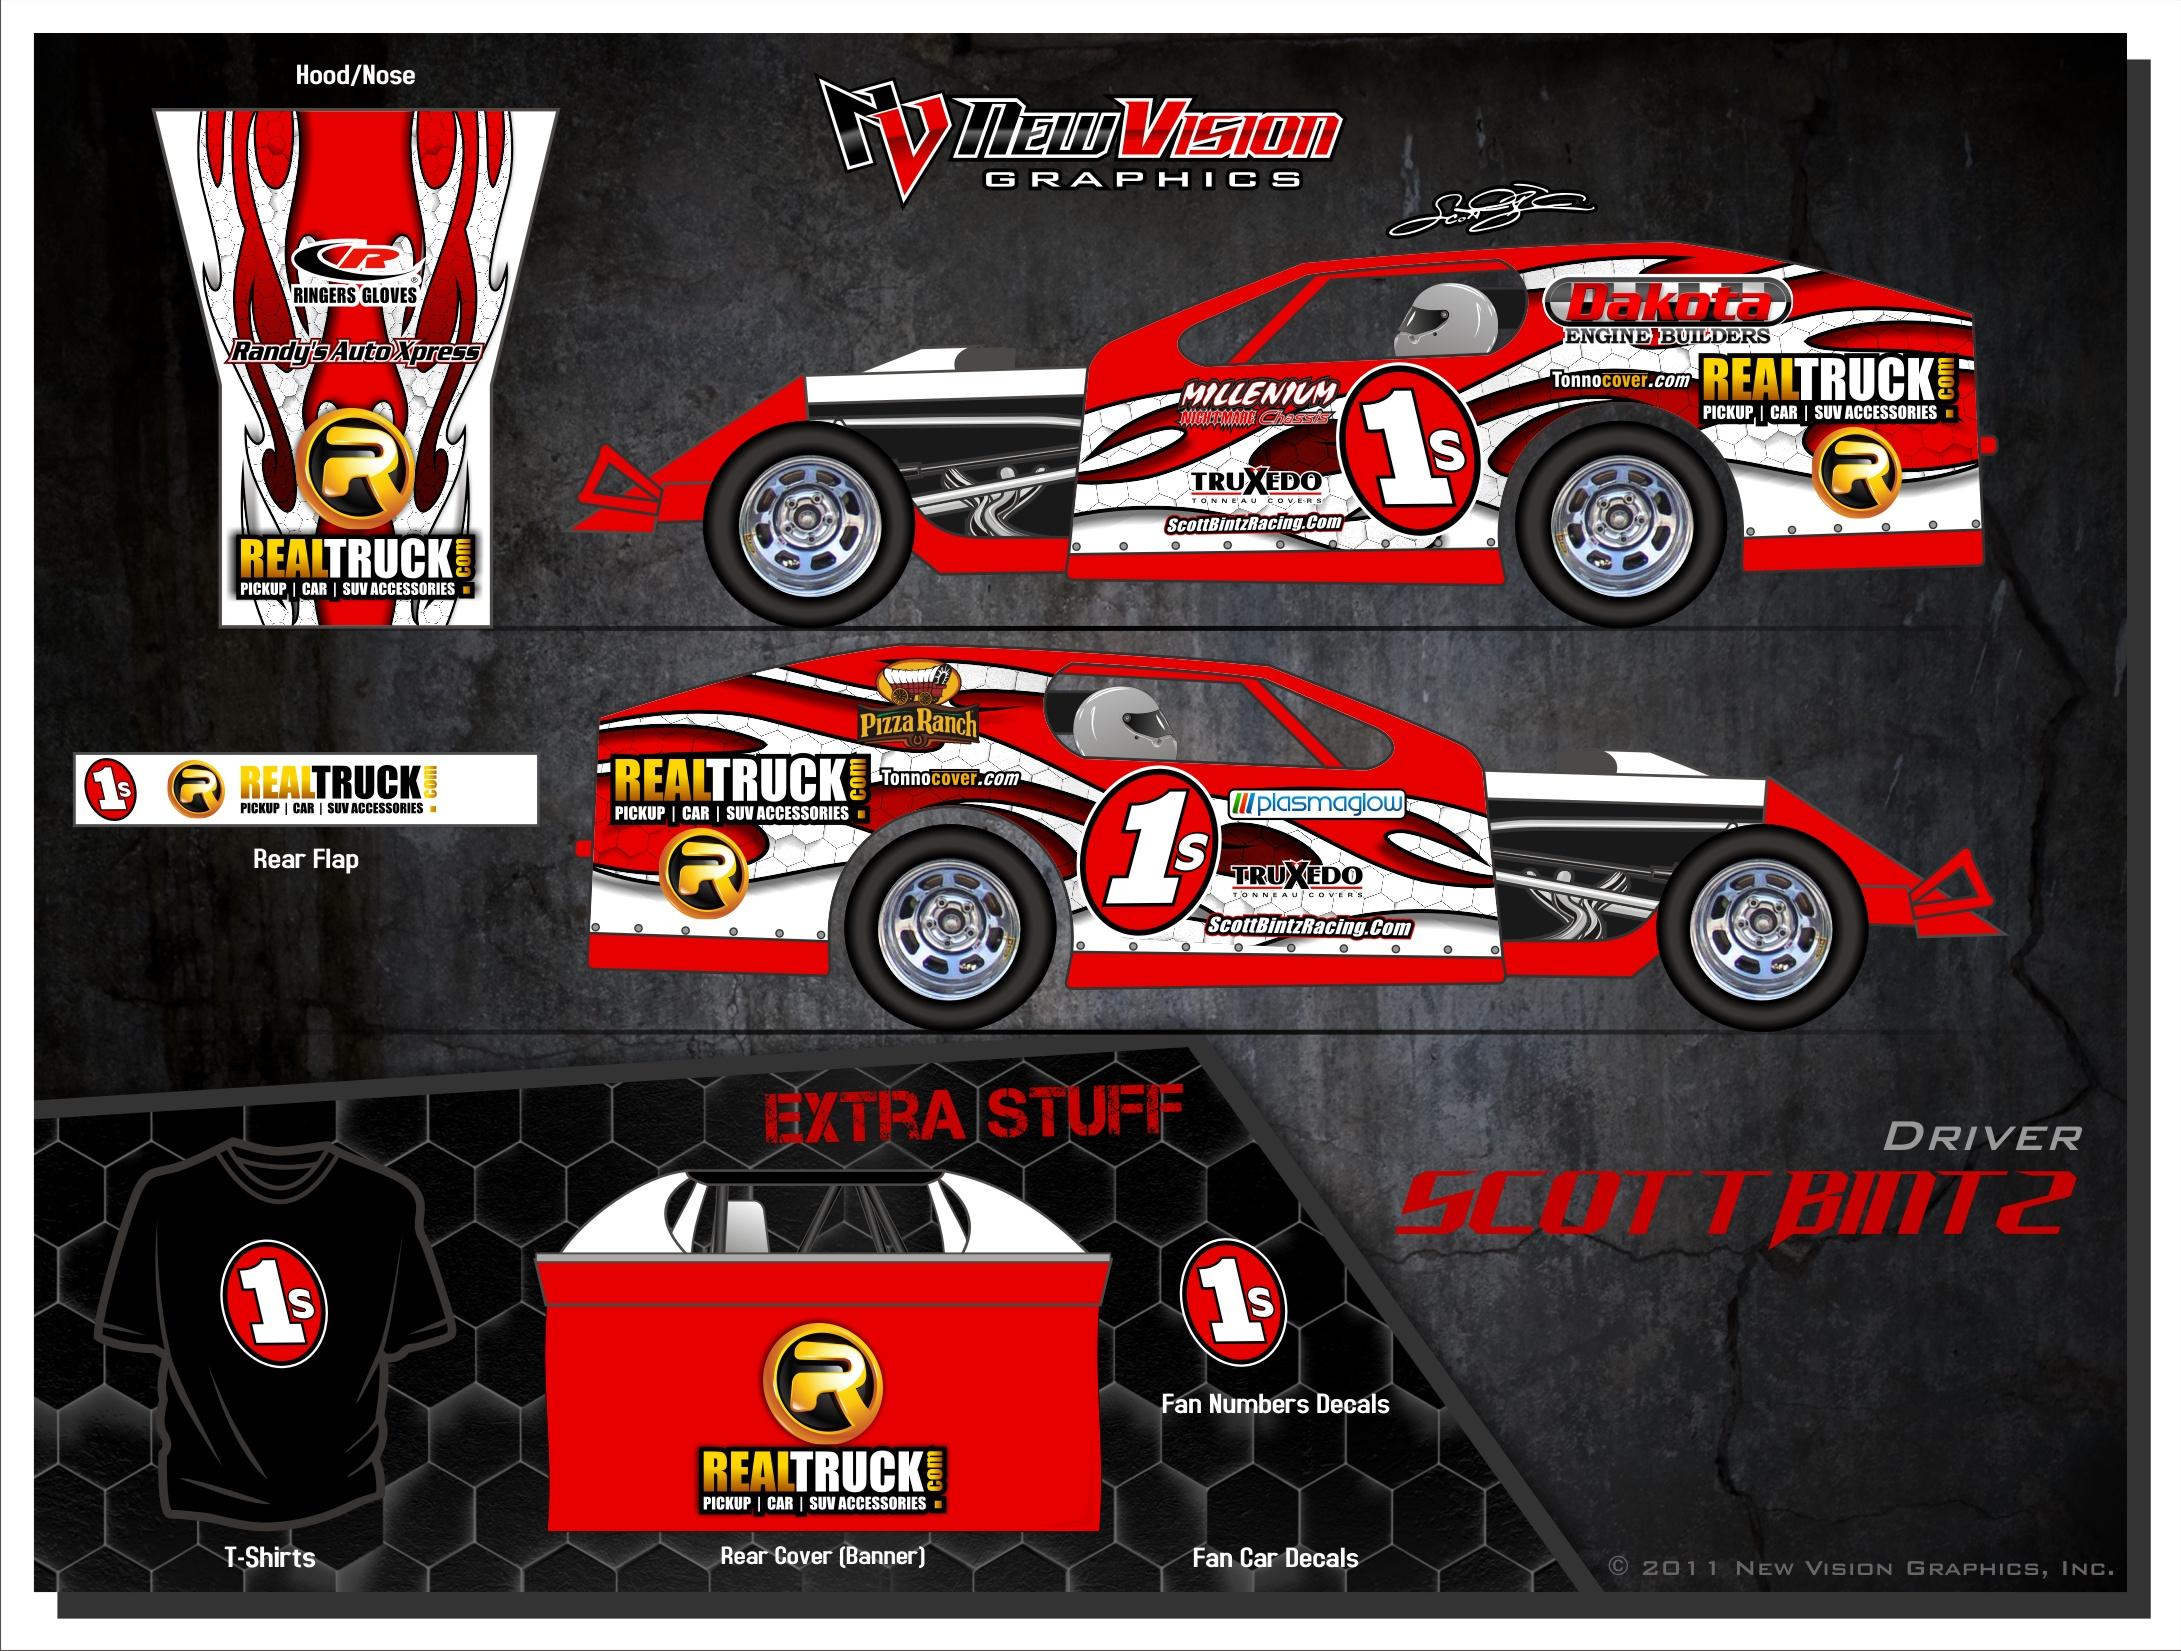 2011 Scott Bintz Race Car Design